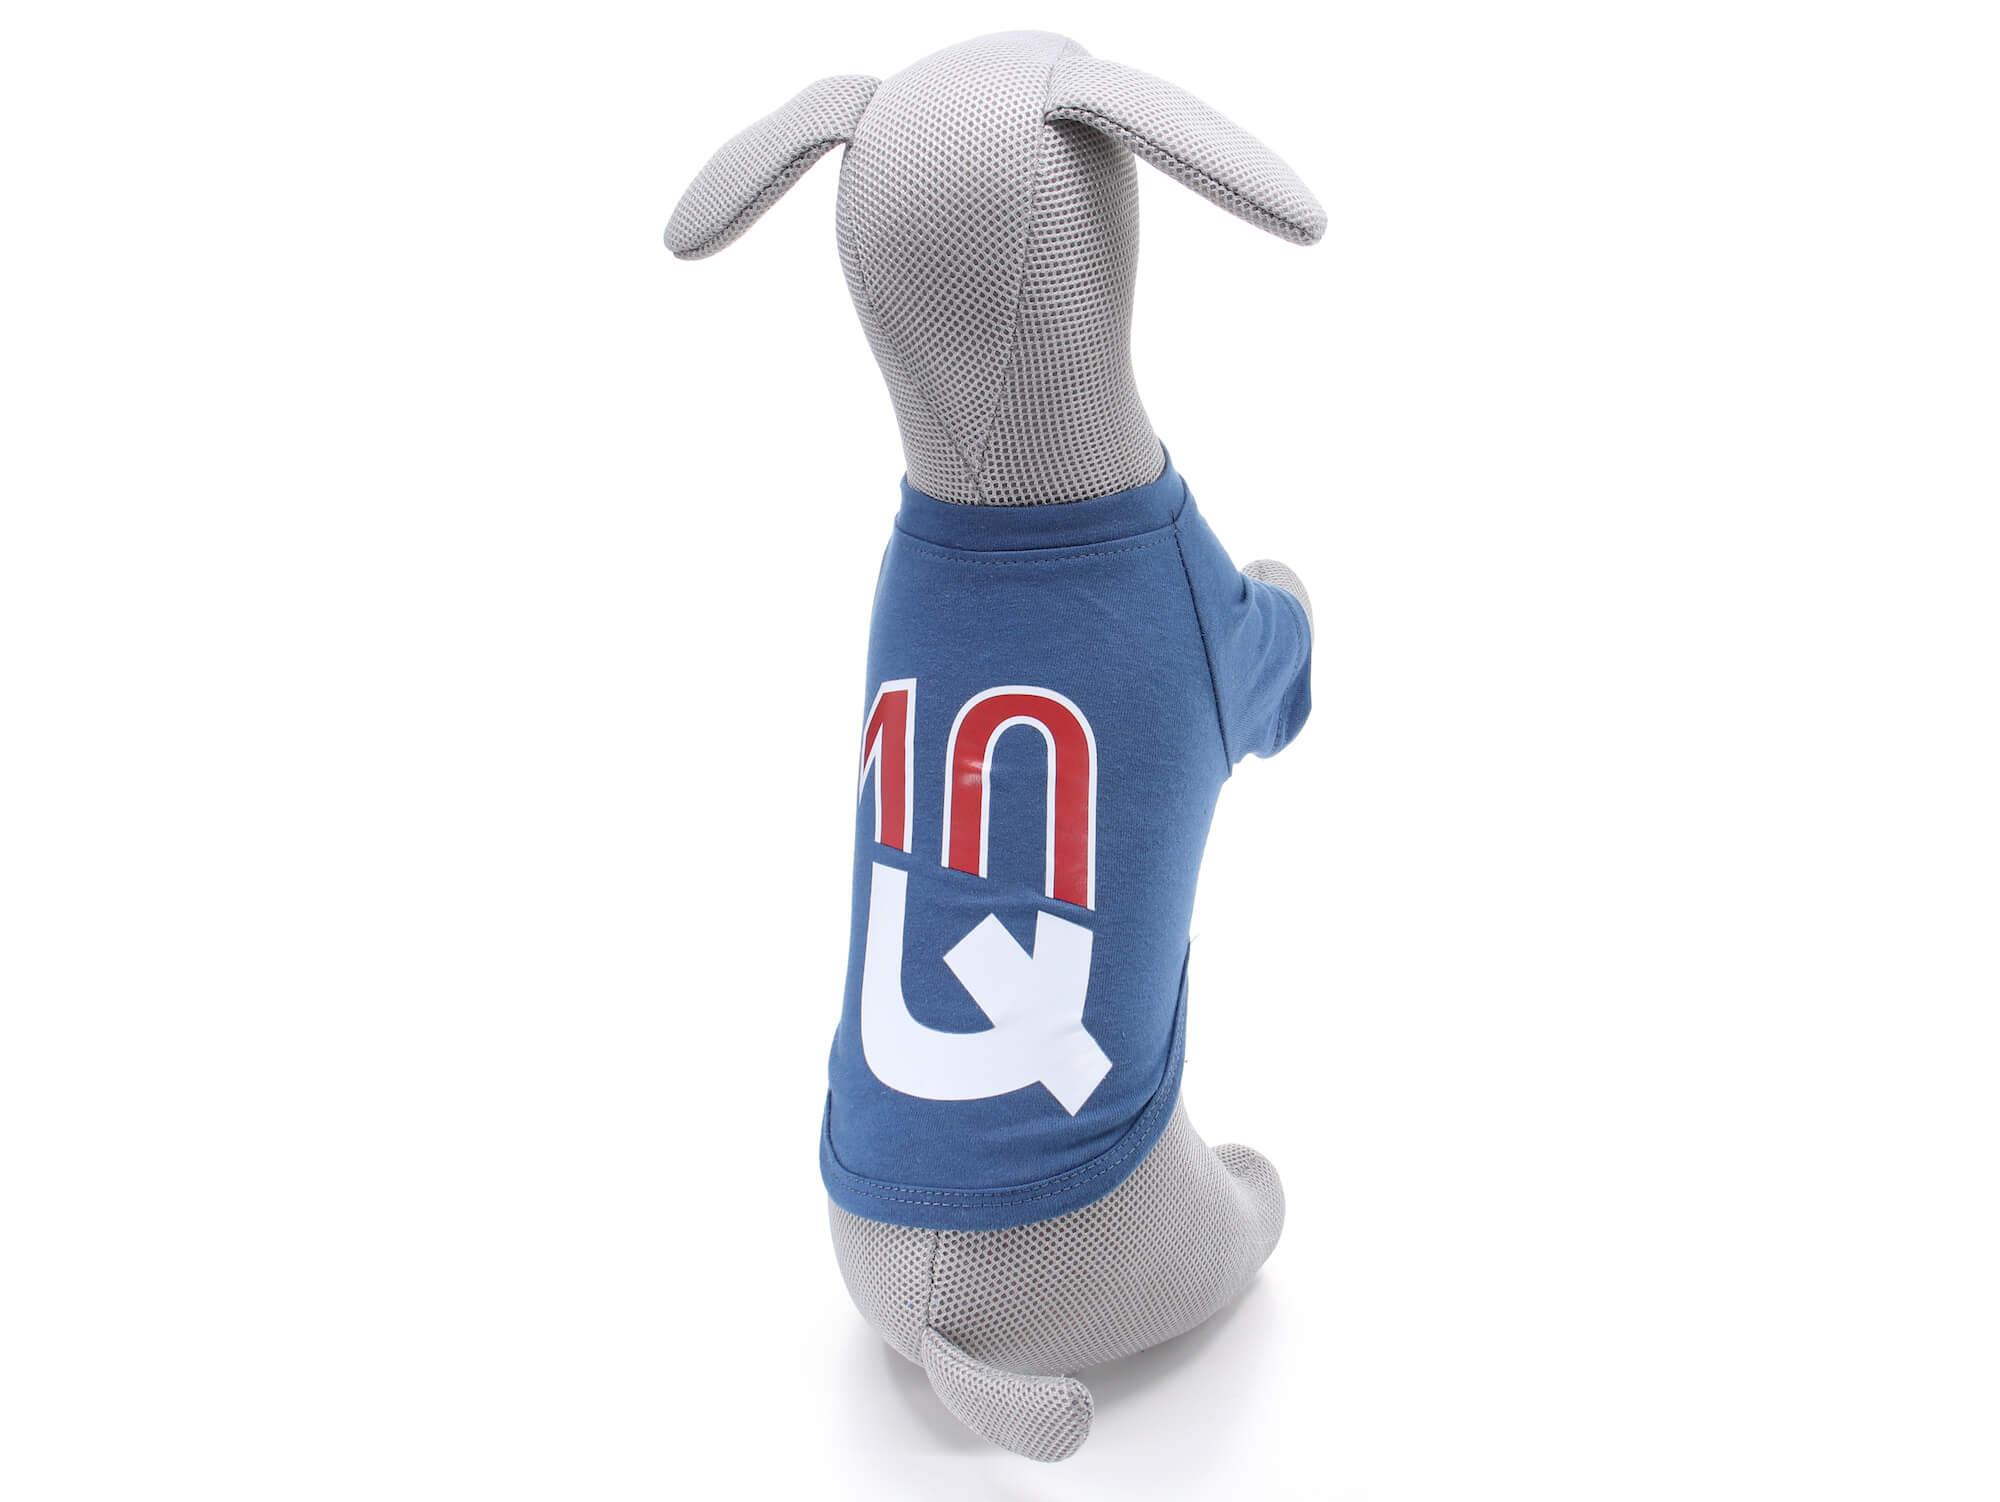 Levně Vsepropejska Charles tričko s nápisem pro psa Barva: Modrá, Délka zad psa: 25 cm, Obvod hrudníku: 34 - 36 cm